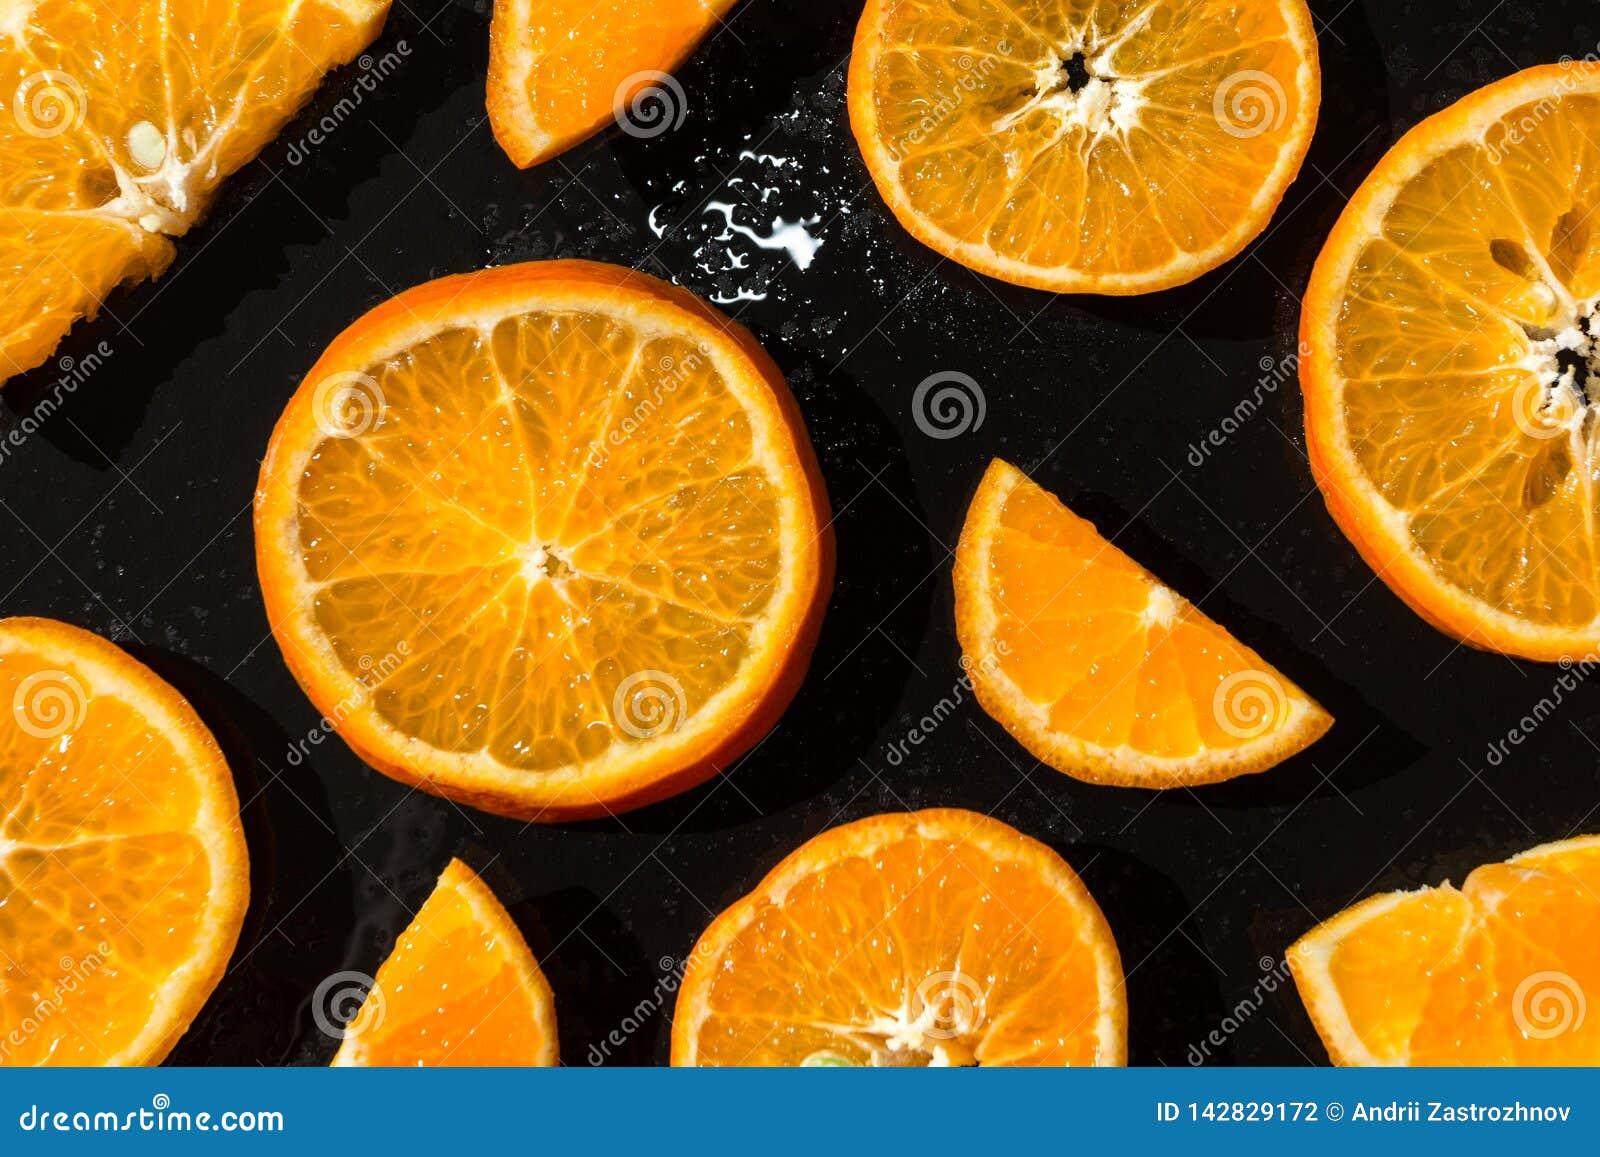 Mandarini succosi, affettati su un fondo nero